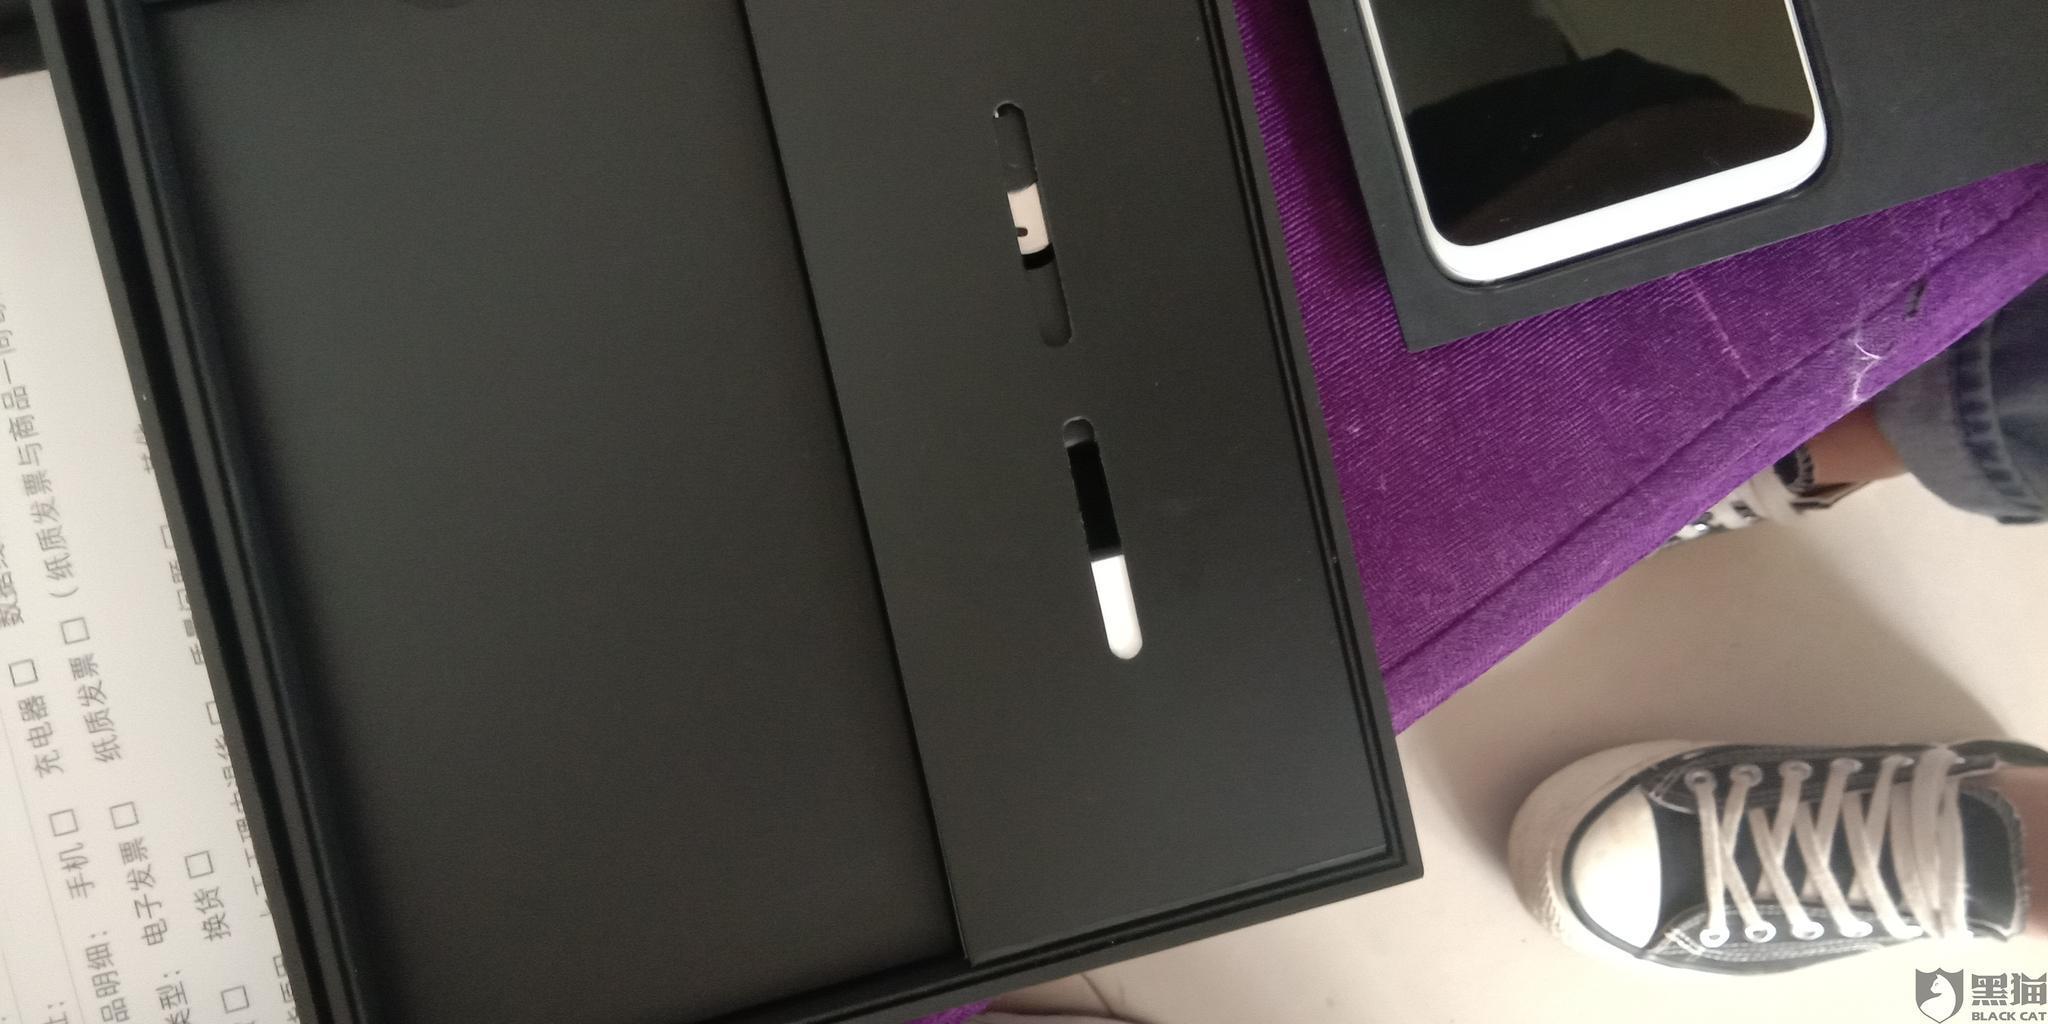 黑猫投诉:魅族手机质量问题,无法开机,却不给退货(已解决)